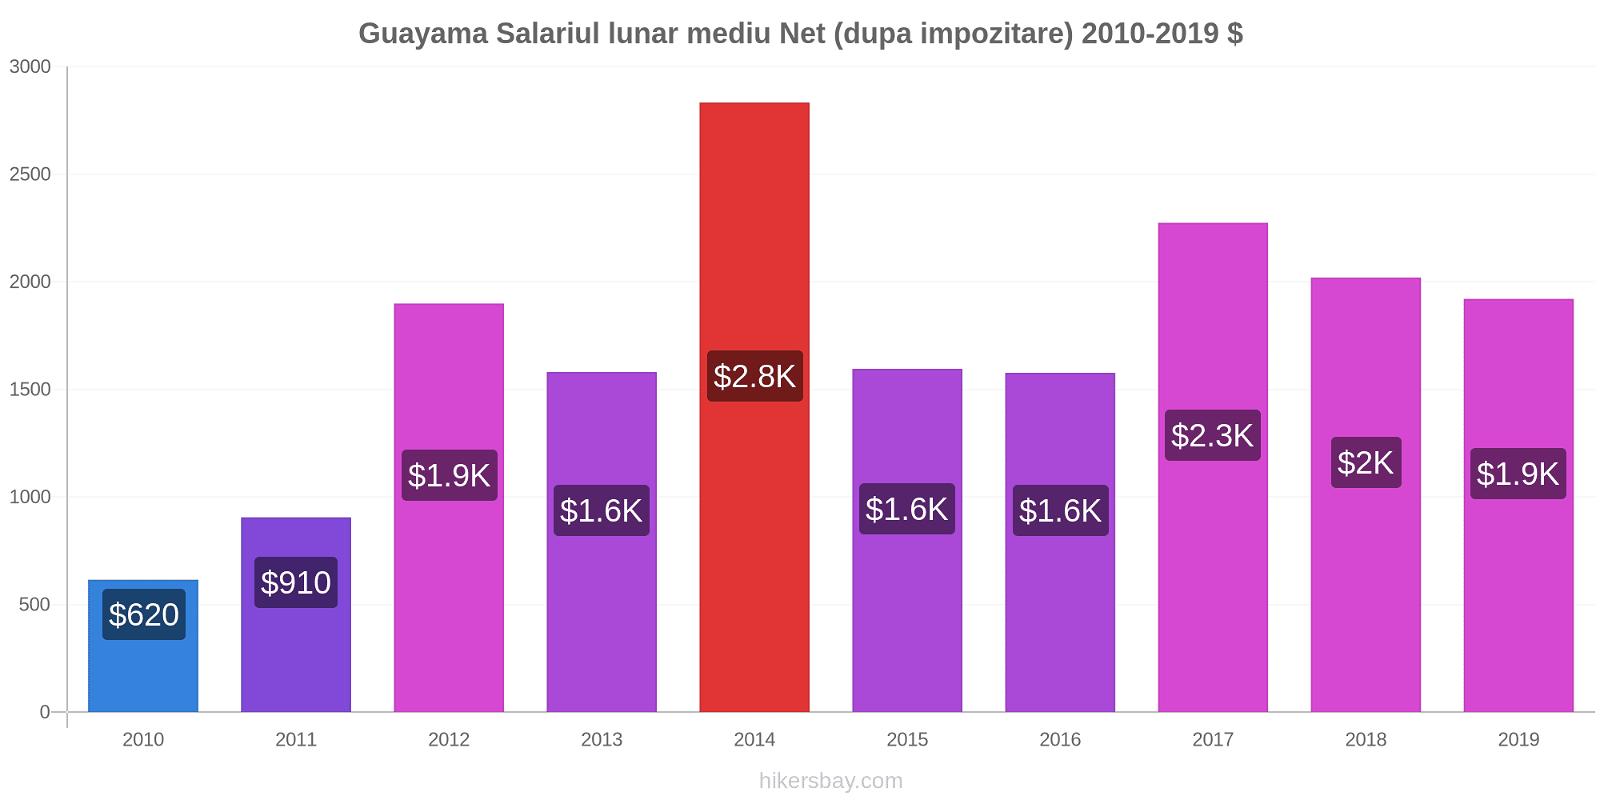 Guayama modificări de preț Salariul lunar mediu Net (dupa impozitare) hikersbay.com